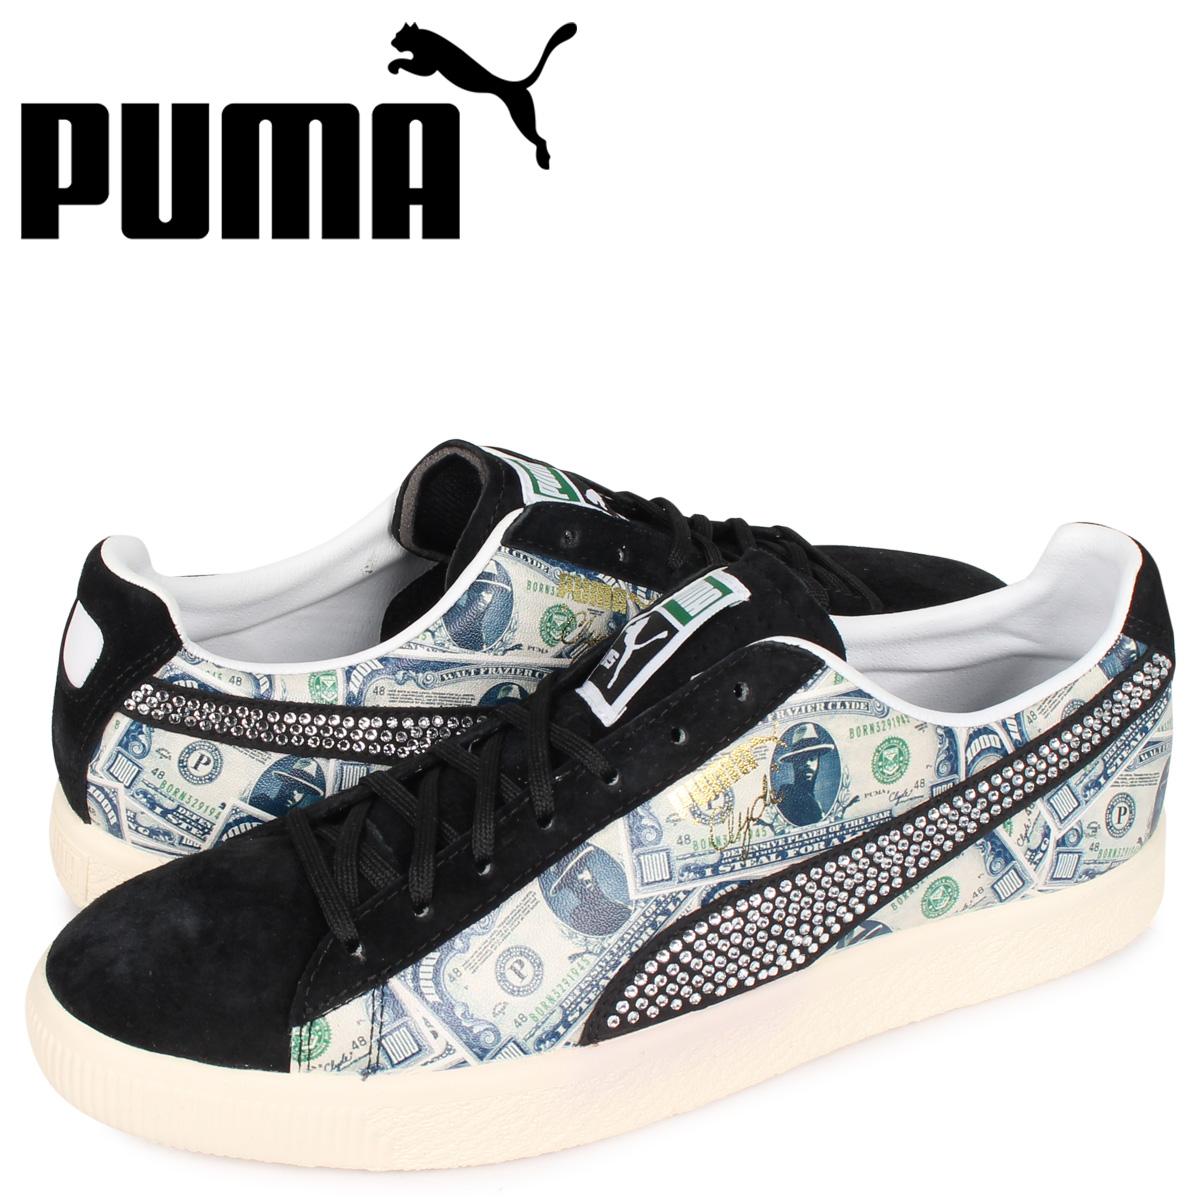 プーマ PUMA ミタ クライド スニーカー メンズ CLYDE X MITA ブラック 黒 364303-02 [3/9 新入荷]